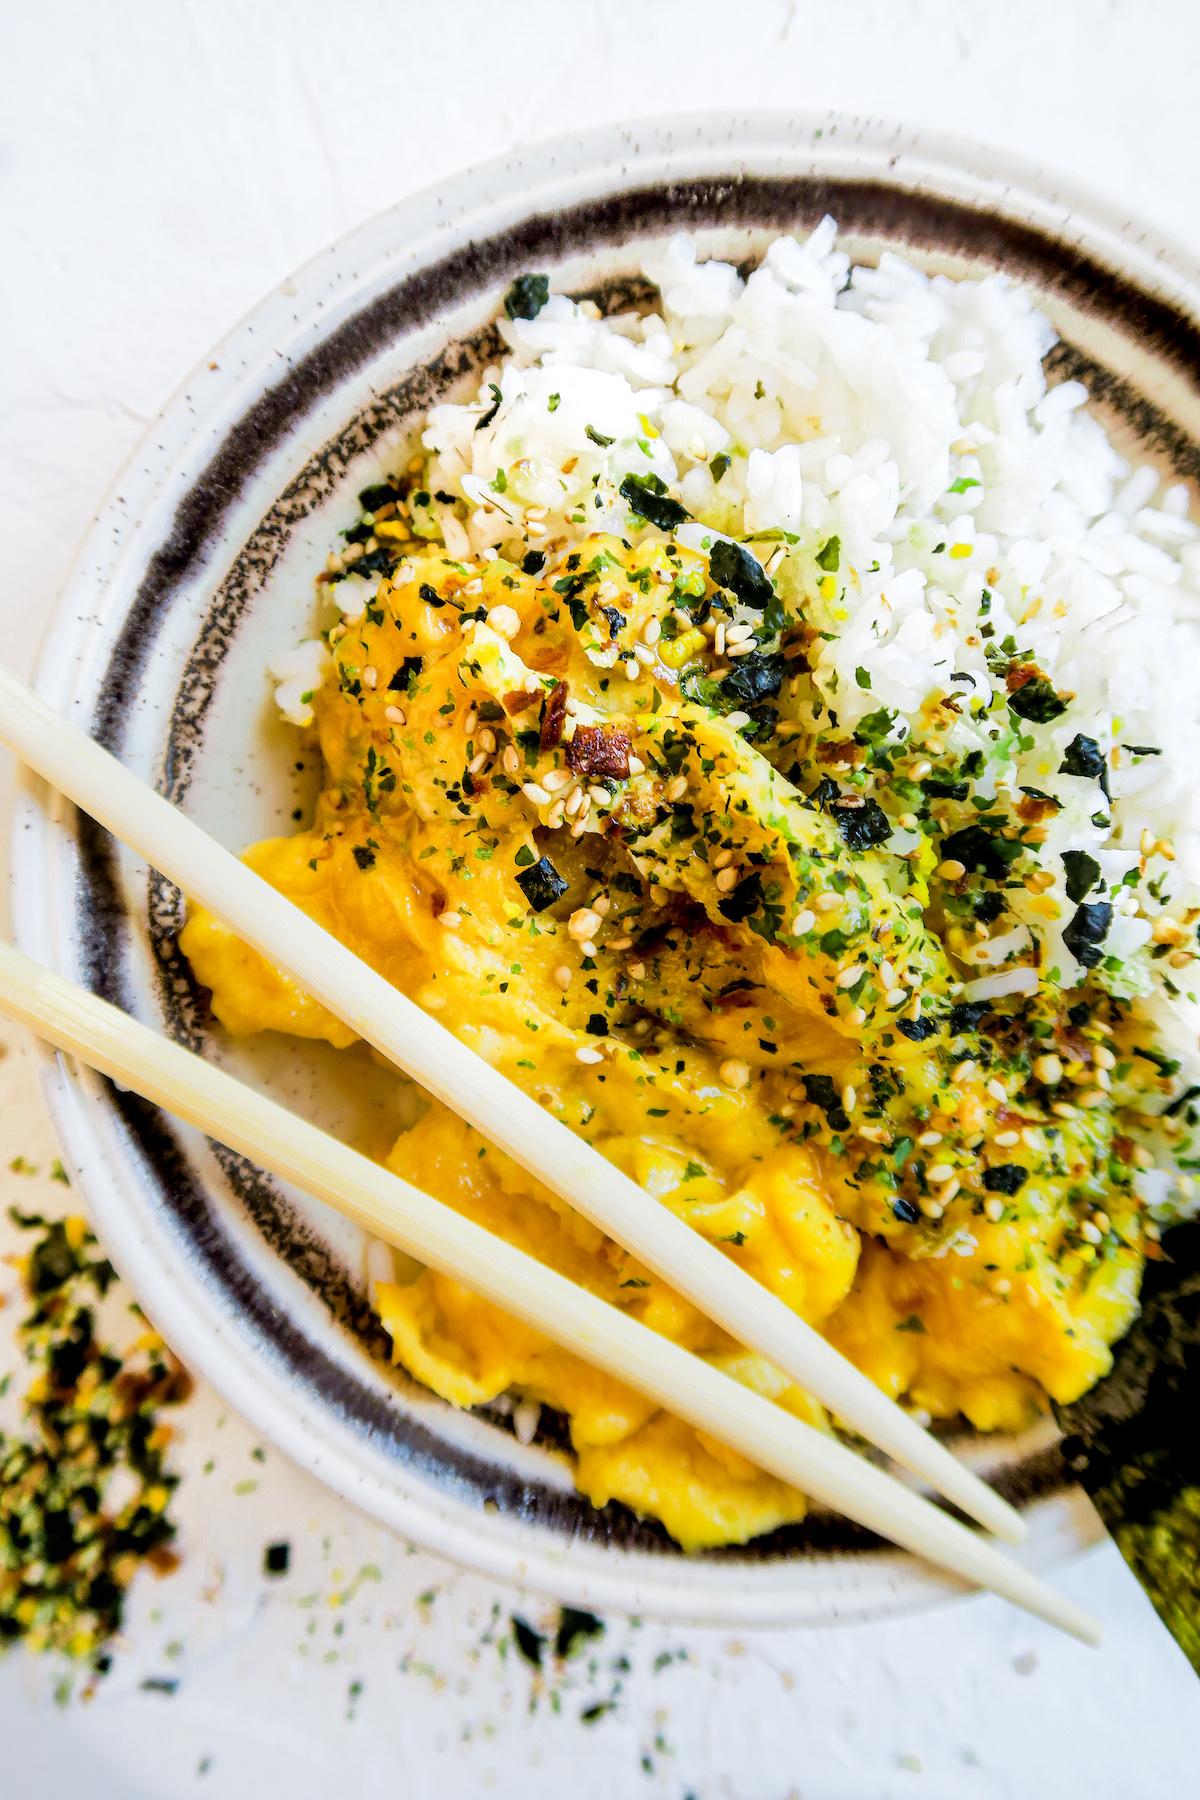 Op deze foto zie je een Japanse rijstbowl voor het ontbijt met roerei en nori